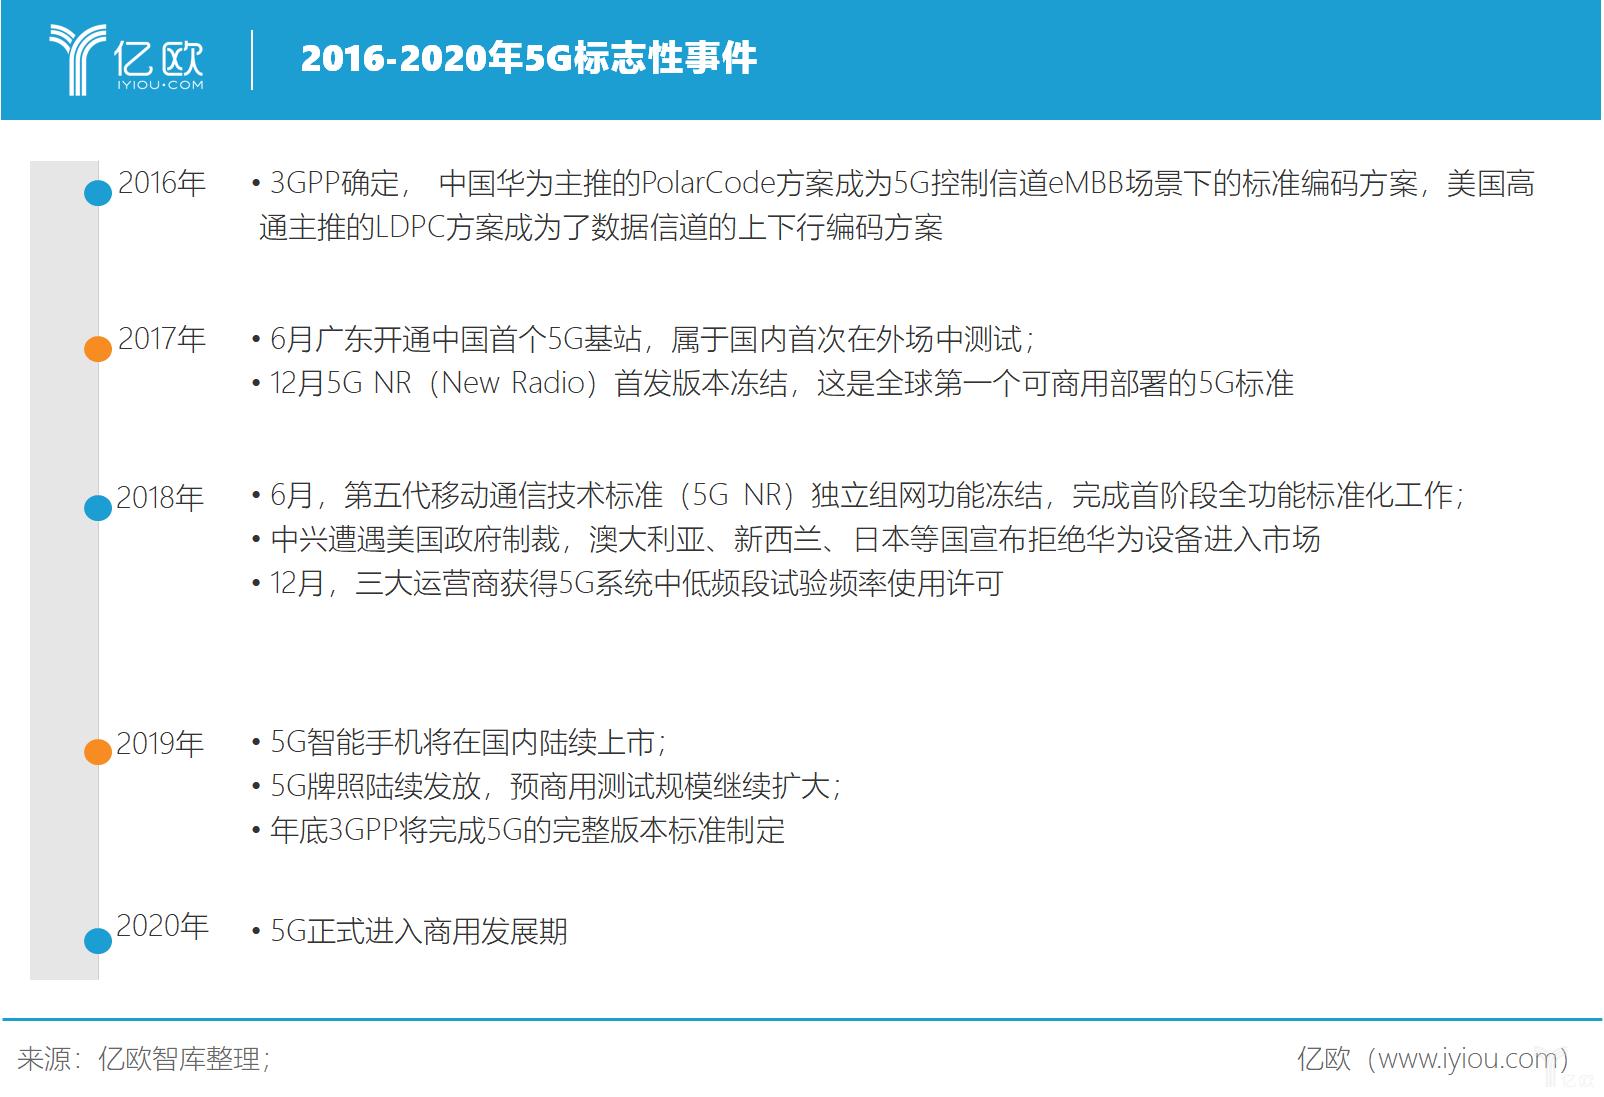 亿欧智库:5G标志性事件